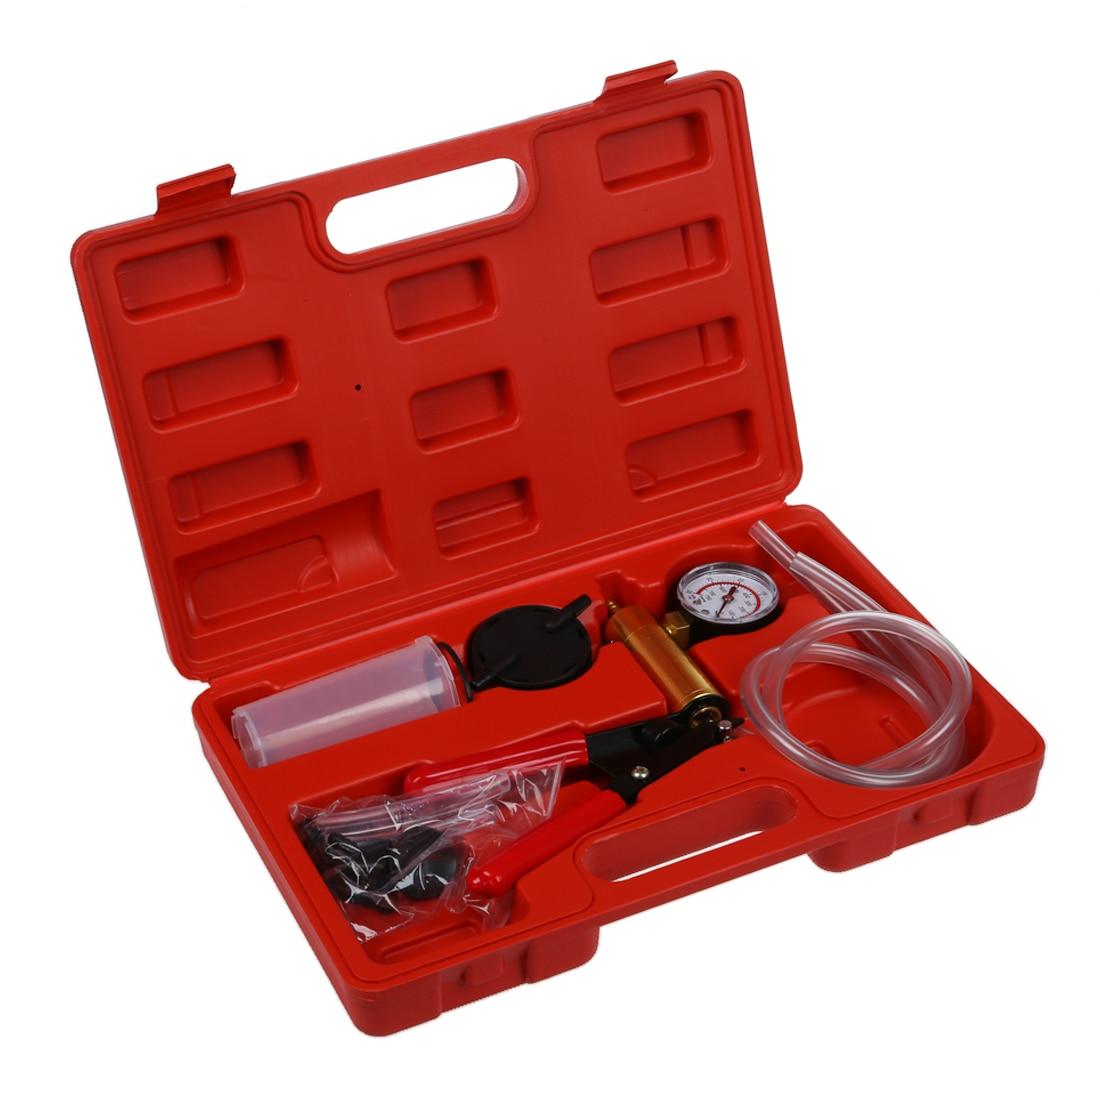 Vakuum Prüfung Werkzeug Und Bremsentlüftungs Drop Verschiffen Auto Werkzeug Vakuum Pumpe Kit Besorgt Vakuum Tester